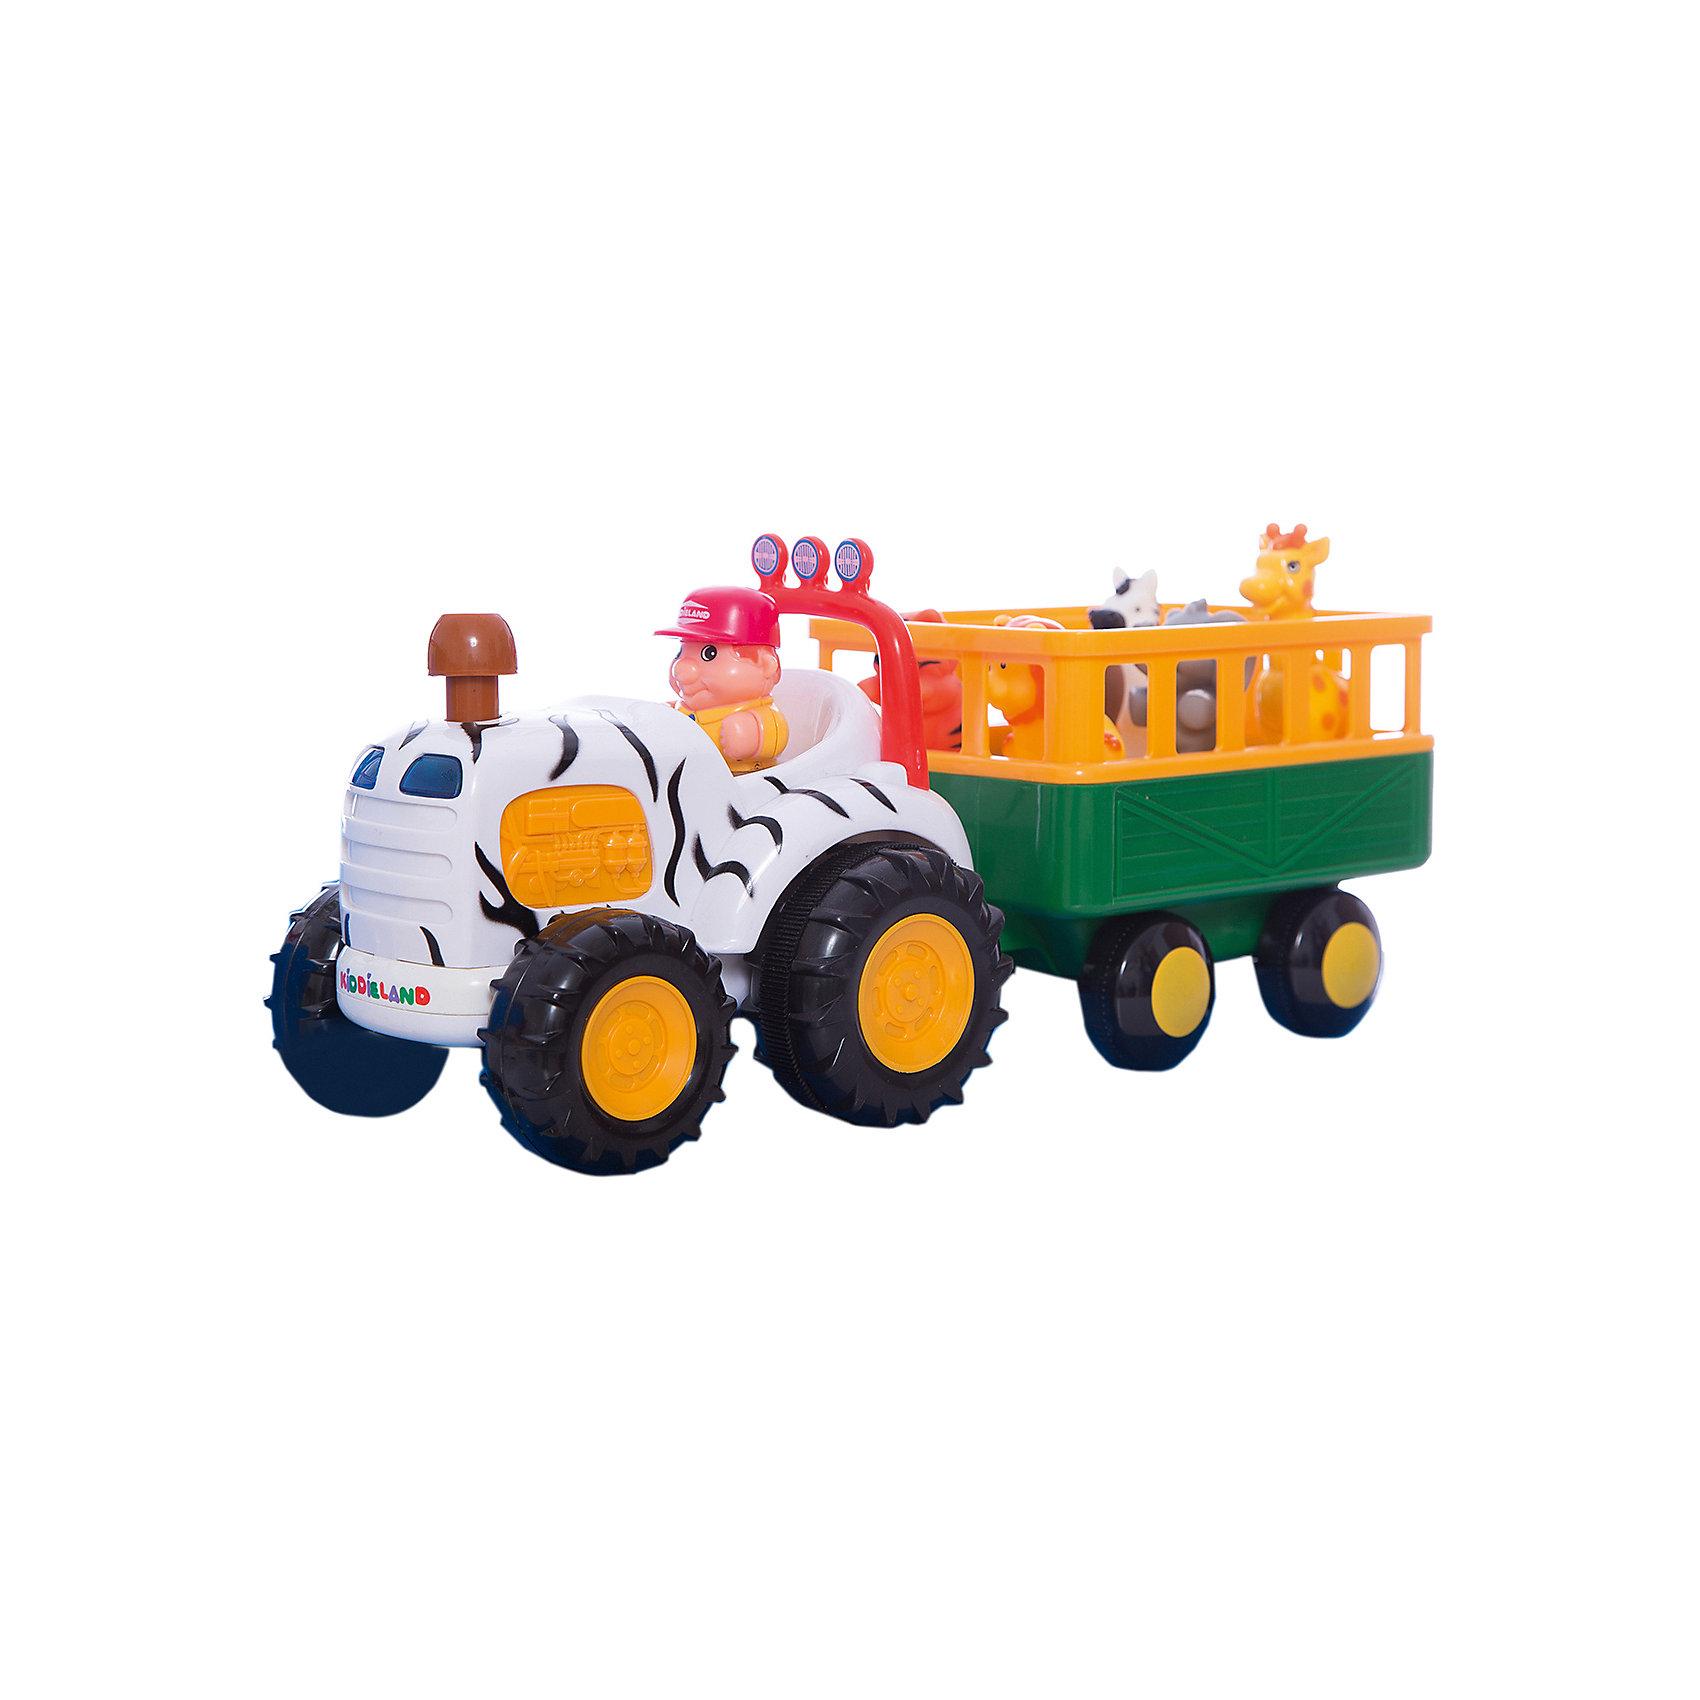 Развивающий центр - трактор Сафари, KiddielandИгровые столики и центры<br>Развивающий центр - трактор Сафари, Kiddieland<br><br>Характеристики:<br>- В набор входит: фигурка натуралиста, трактор с прицепом, элементы питания<br>- Материал: пластик<br>- Элементы питания: батарейки АА, 4 шт.<br>- Размер упаковки: 18 * 14 * 34,5 см.<br>Развивающий игровой центр в виде трактора с дикими животными от известного китайского бренда игрушек для детей Kiddieland (Киддилэнд) станет прекрасным подарком для ребенка. Оснащенный звуками и песенками он приведет малыша в восторг! А нажимая на животных в прицепе в прицепе малыш узнает как они говорят. В прицепе натуралиста едут жирафик, зебра, тигр, лев, слоник и бегемот. Интерактивный трактор ездит, издает звук заведенного мотора, рассказывает стишки, сигналит и включает радио, когда натуралист садится за руль. Изготовленная из качественного пластика, разноцветная игрушка способствует развитию восприятия цвета и звука, памяти, воображения, социальных навыков, моторики рук. <br>Развивающий центр - трактор Сафари, Kiddieland (Киддилэнд) можно купить в нашем интернет-магазине.<br>Подробнее:<br>• Для детей в возрасте: от 1 до 3 лет<br>• Номер товара: 5054087<br>Страна производитель: Китай<br><br>Ширина мм: 410<br>Глубина мм: 190<br>Высота мм: 110<br>Вес г: 1800<br>Возраст от месяцев: 12<br>Возраст до месяцев: 36<br>Пол: Унисекс<br>Возраст: Детский<br>SKU: 5054087